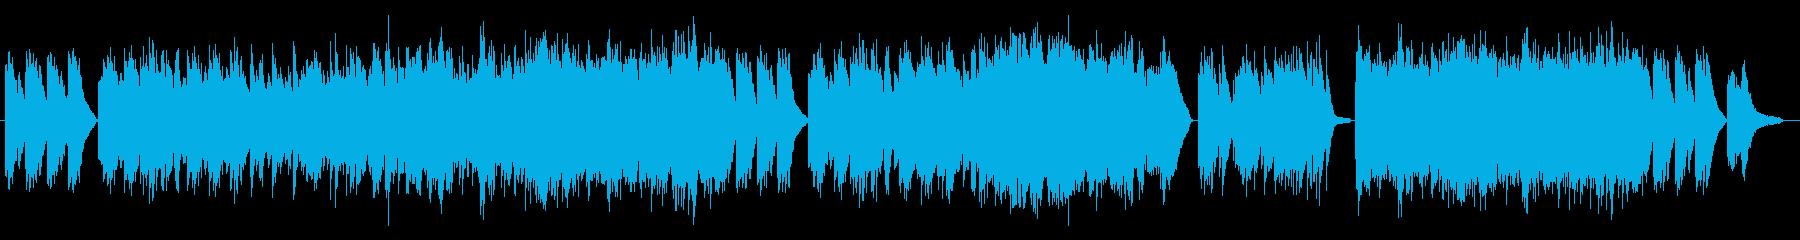 冬の夜をイメージした曲の再生済みの波形